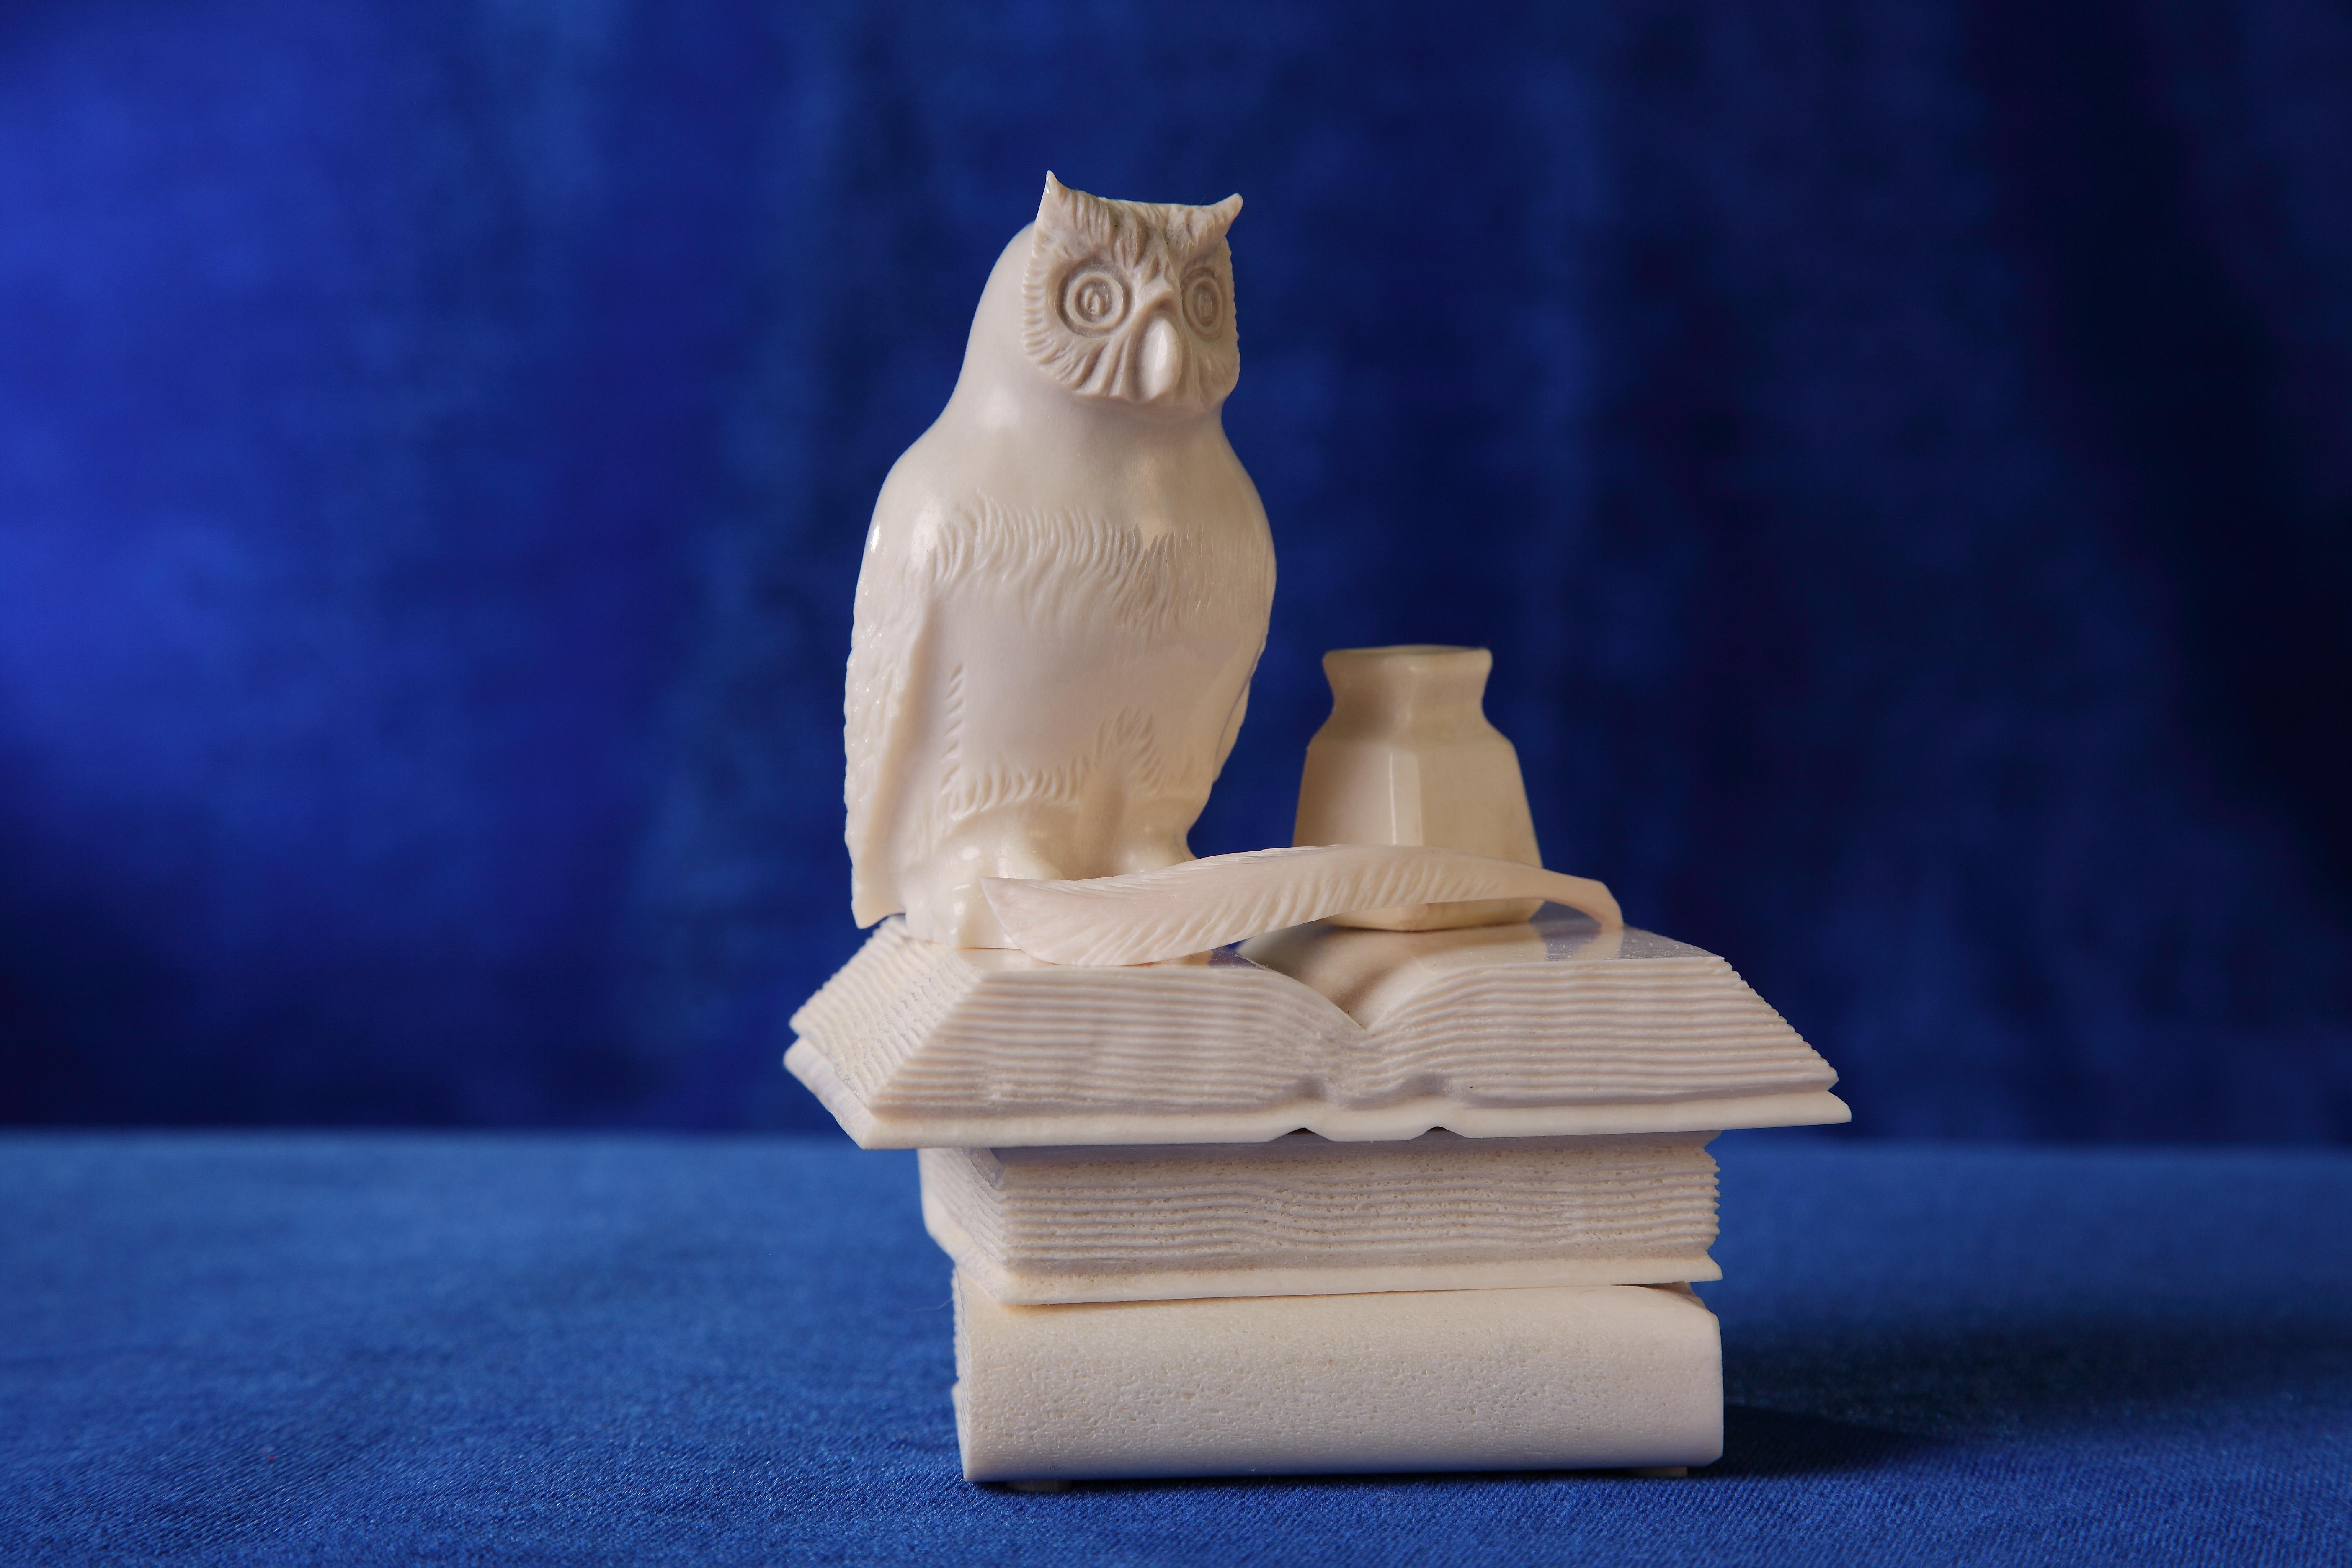 Скульптура Филин на книгах Материал рог лося.JPG